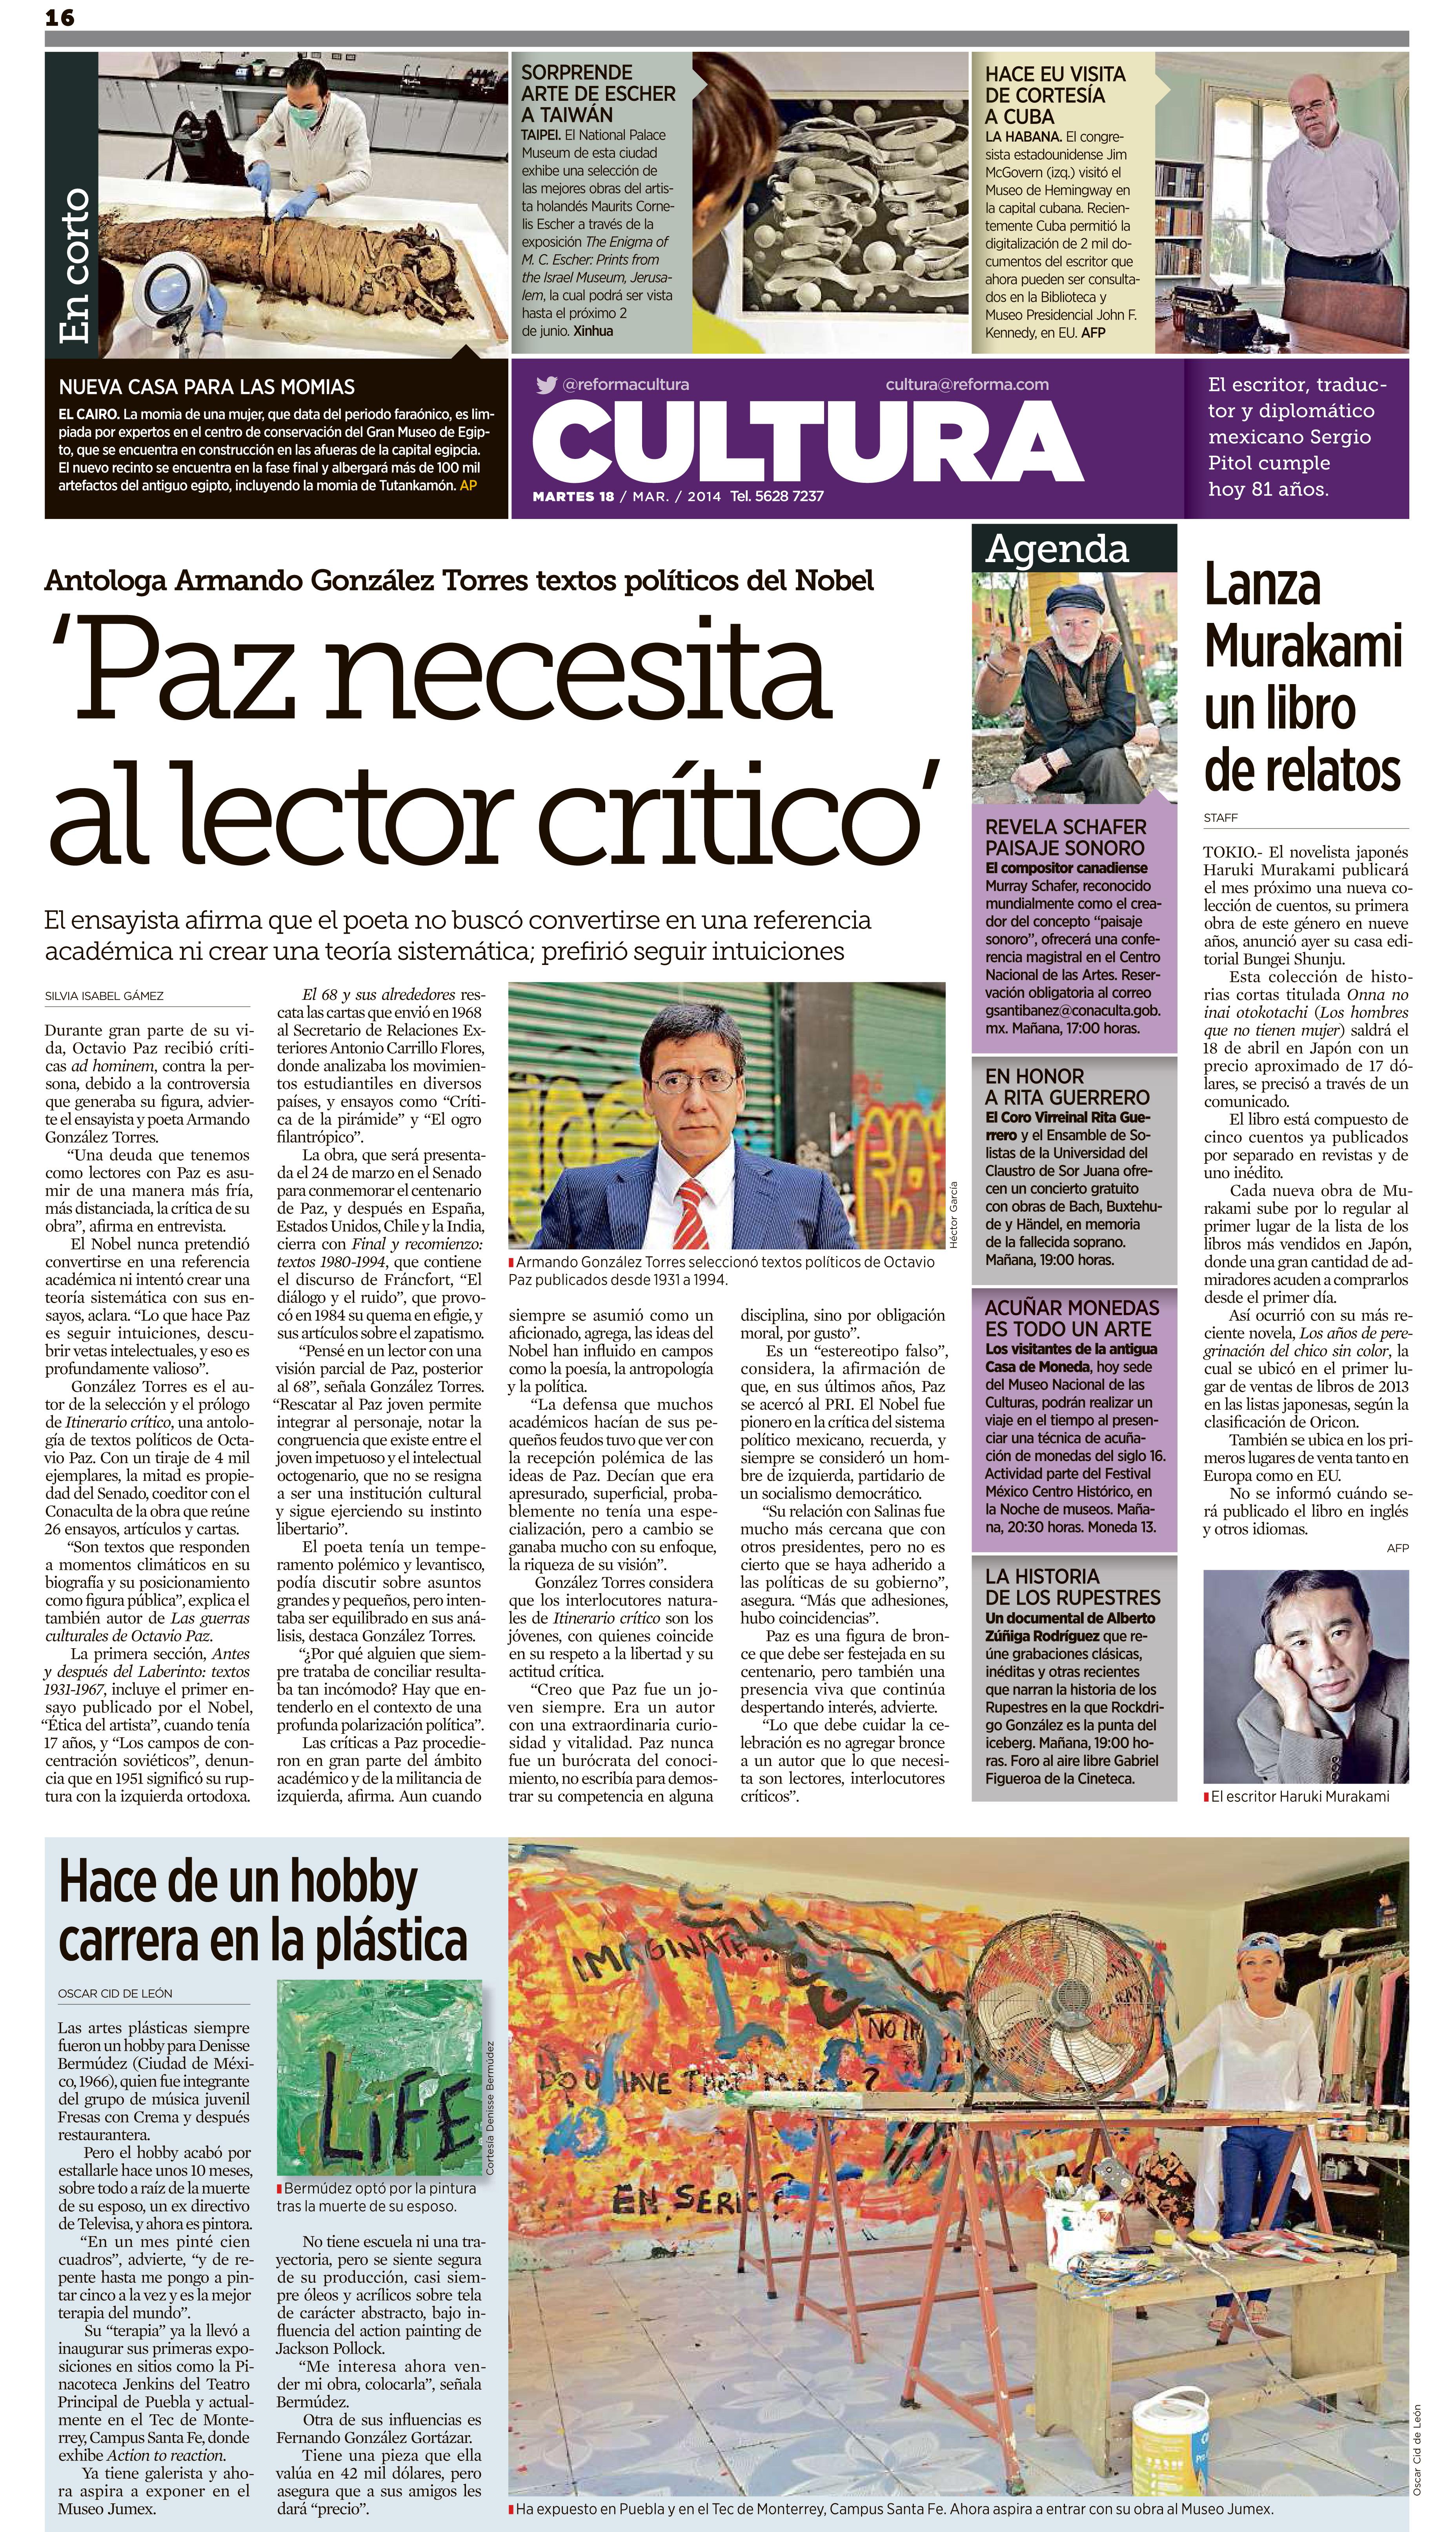 """""""Paz necesita al lector crítico"""".jpg"""